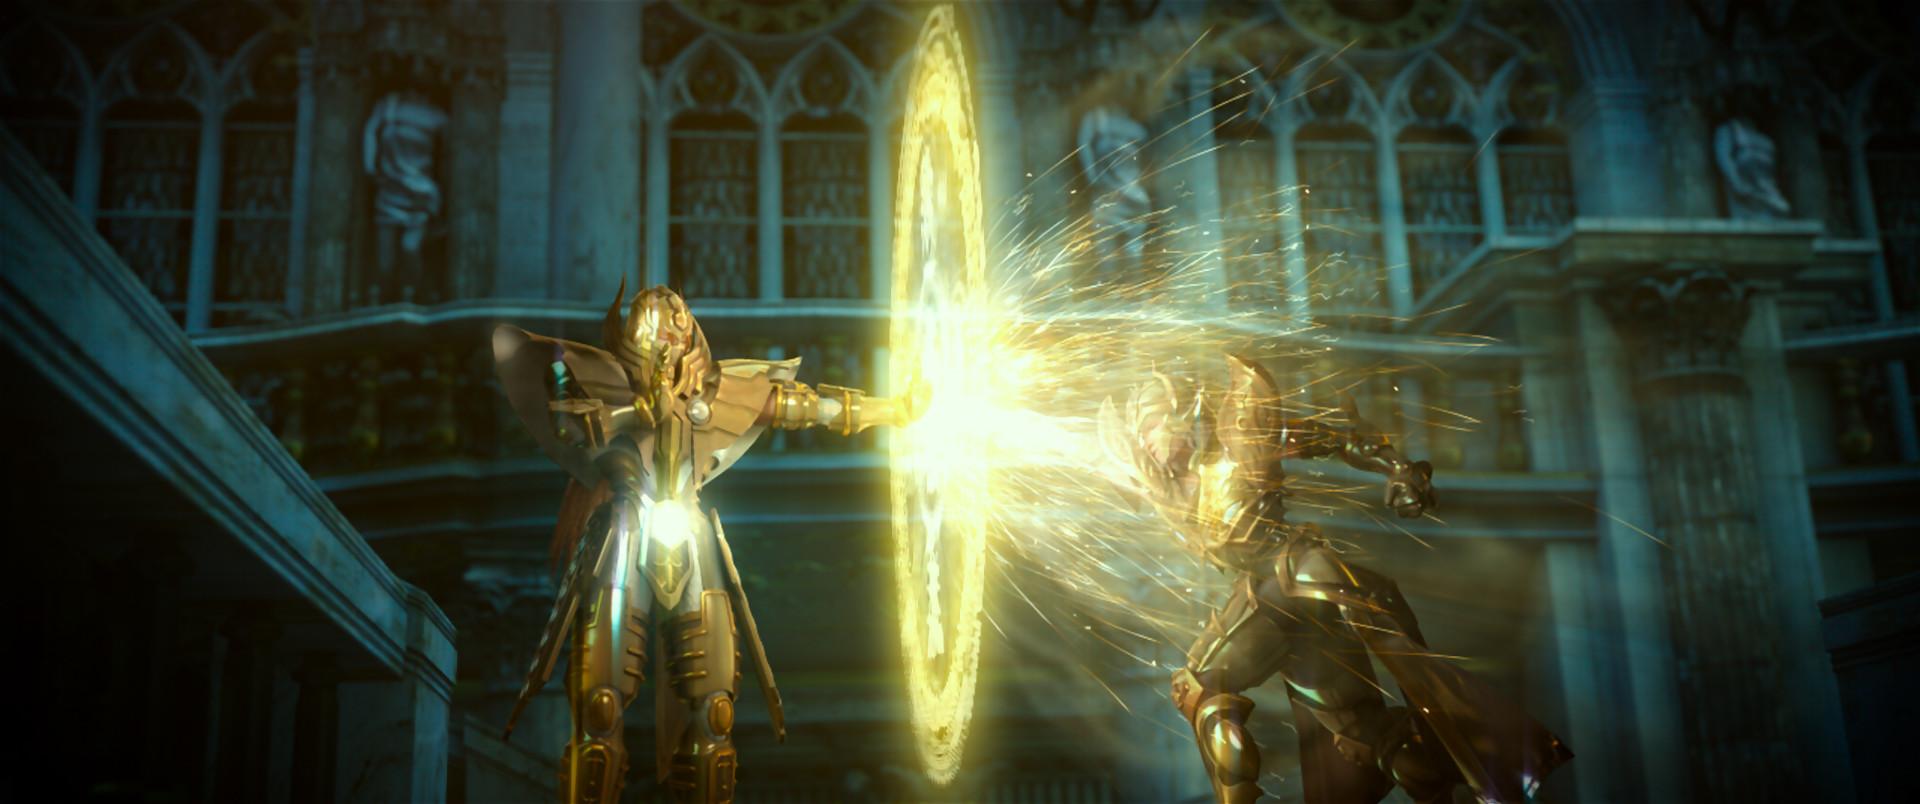 les chevalier du zodiaque la legende du sanctuaire vostfr